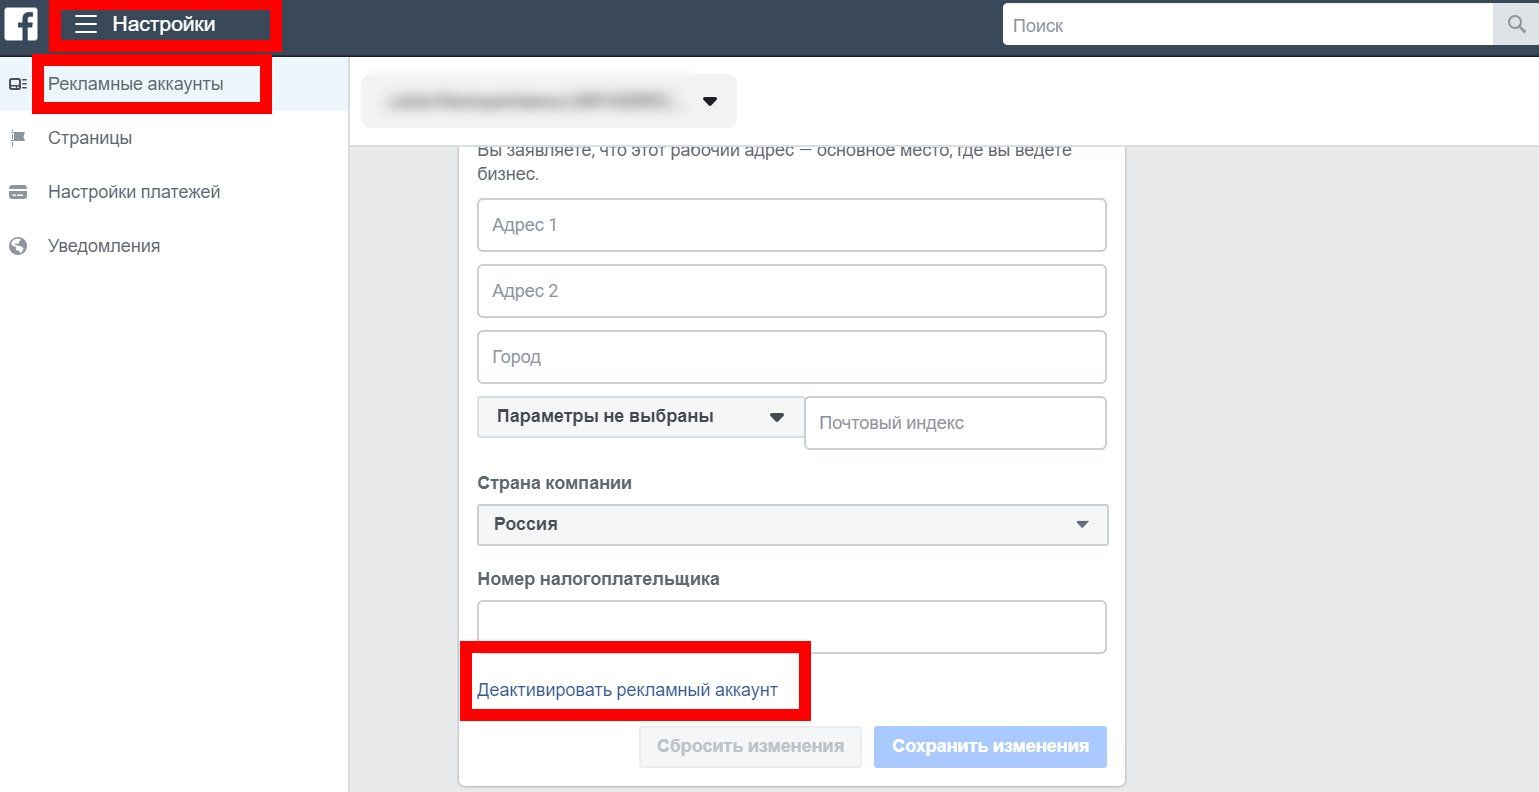 FB_ydalit-biznes-stranitsy6_result.jpg